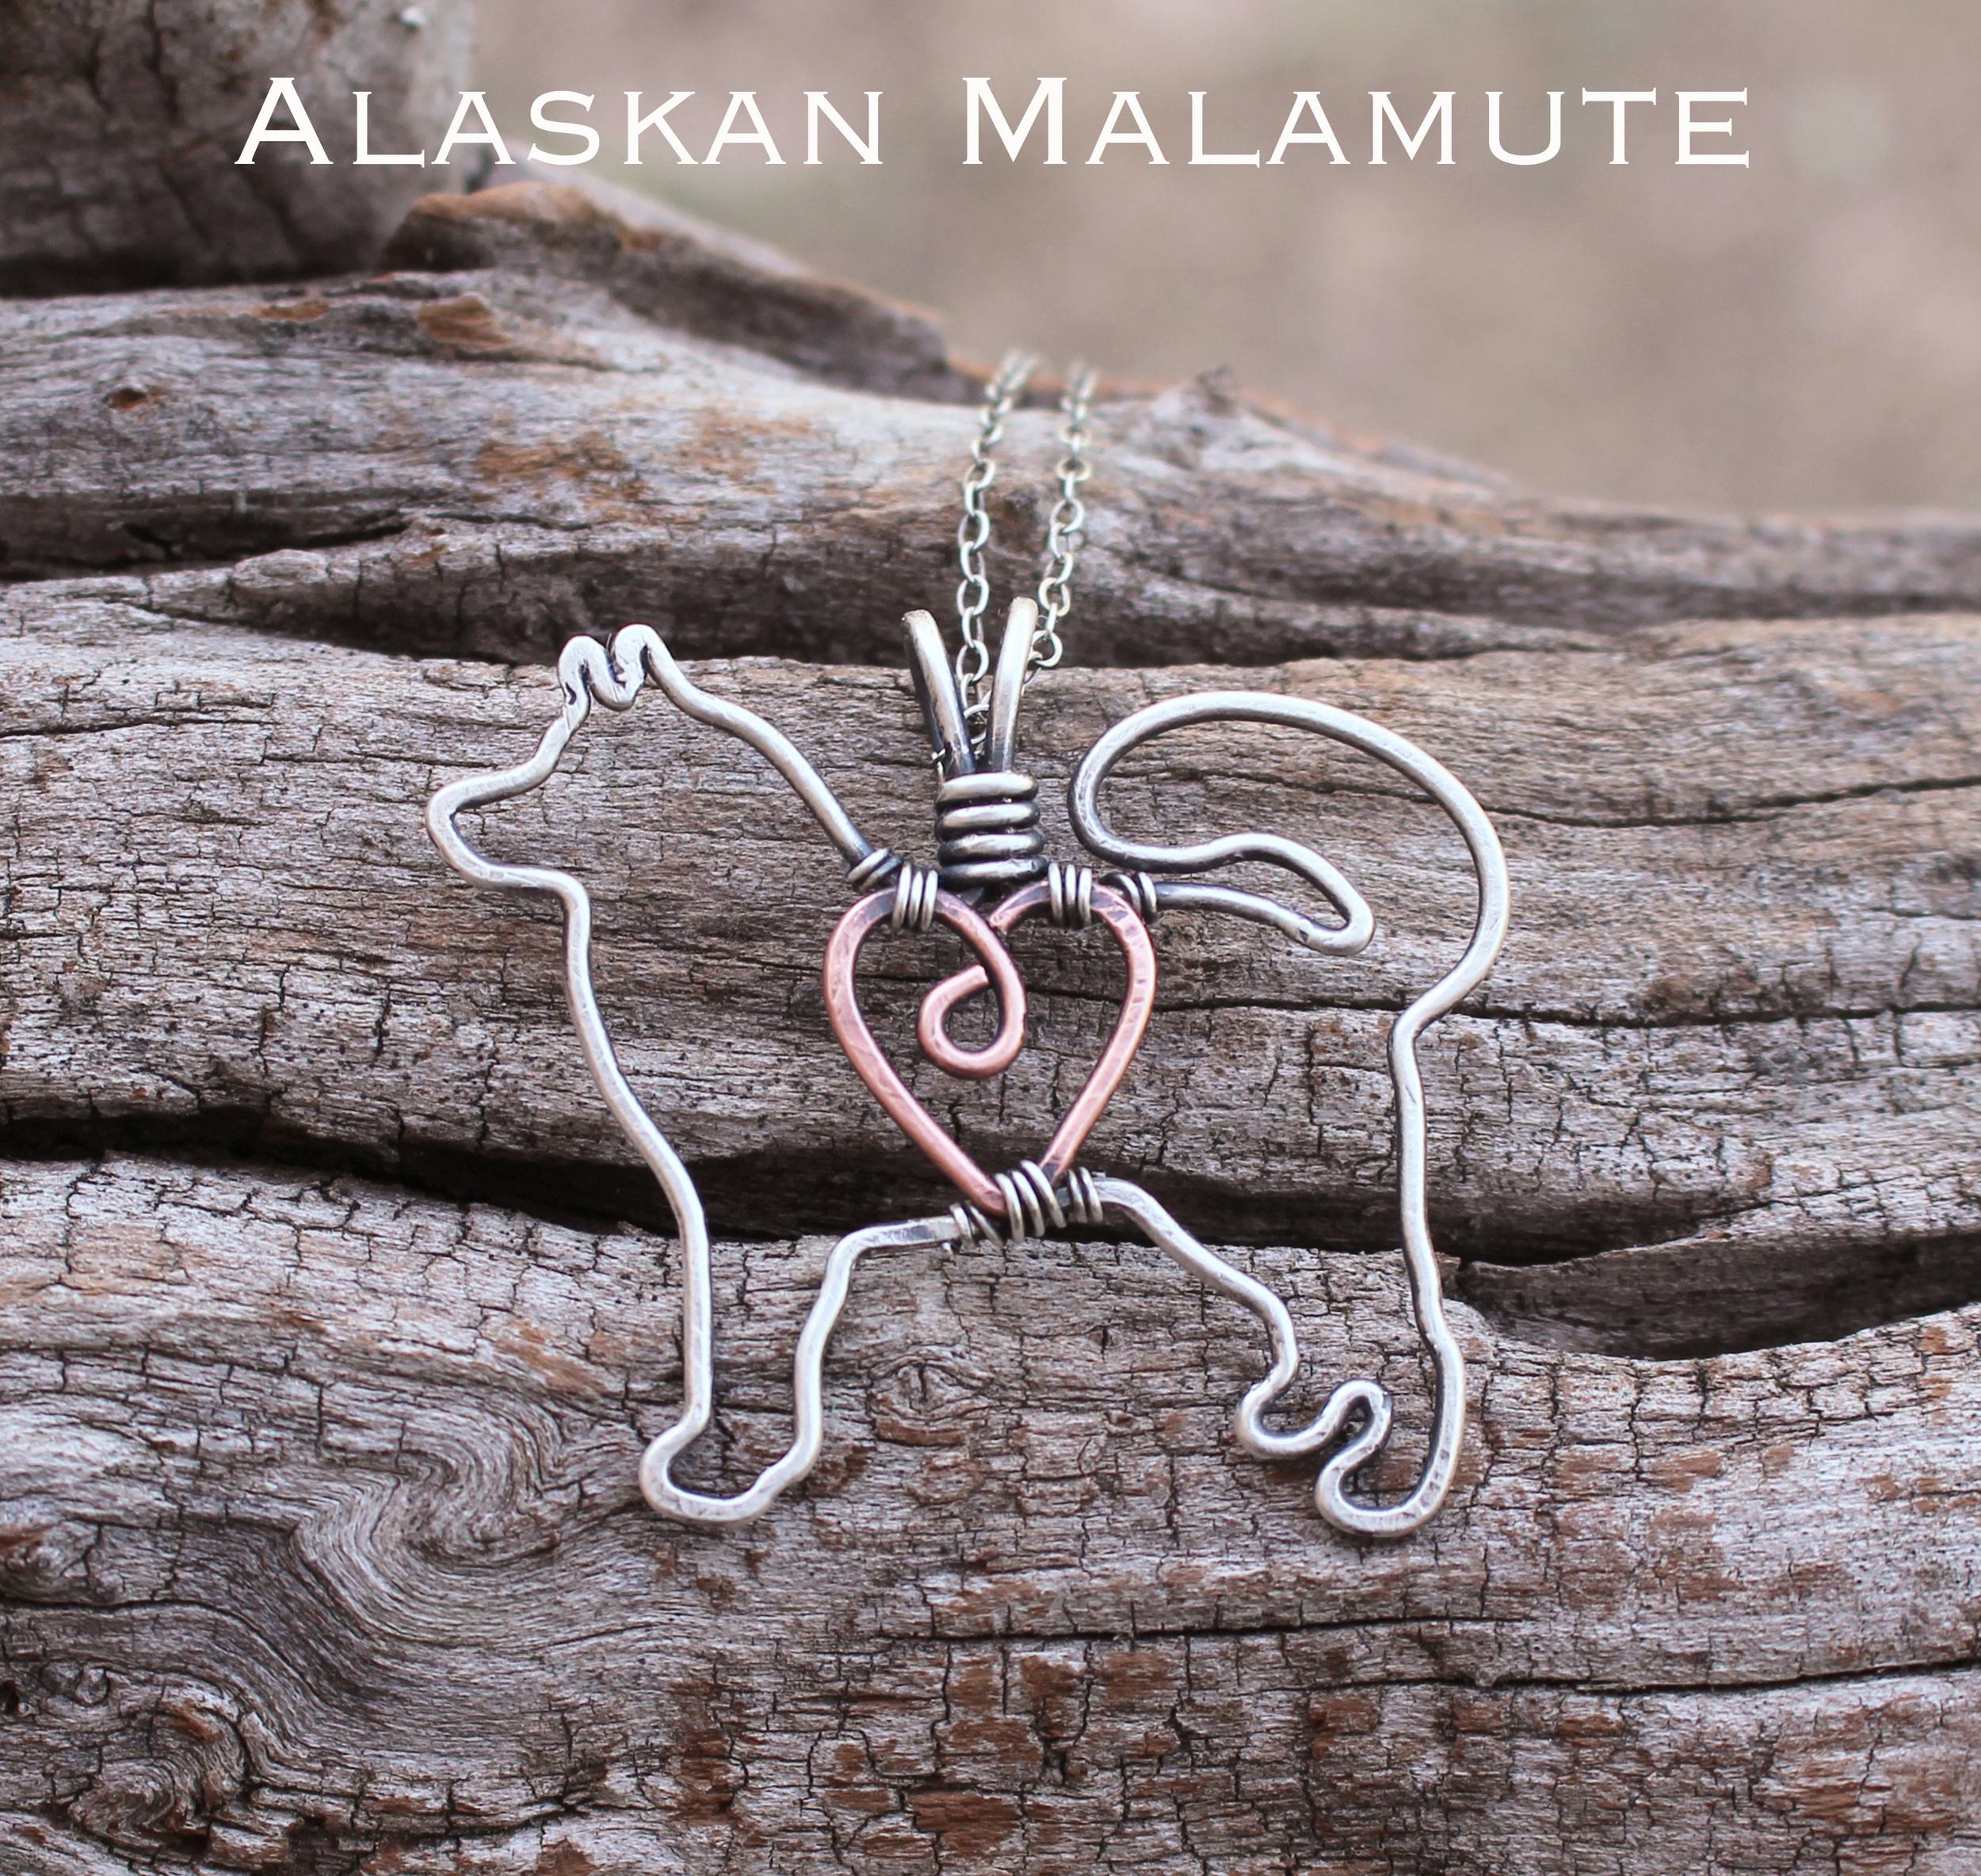 Alaskan Malamute2.jpg